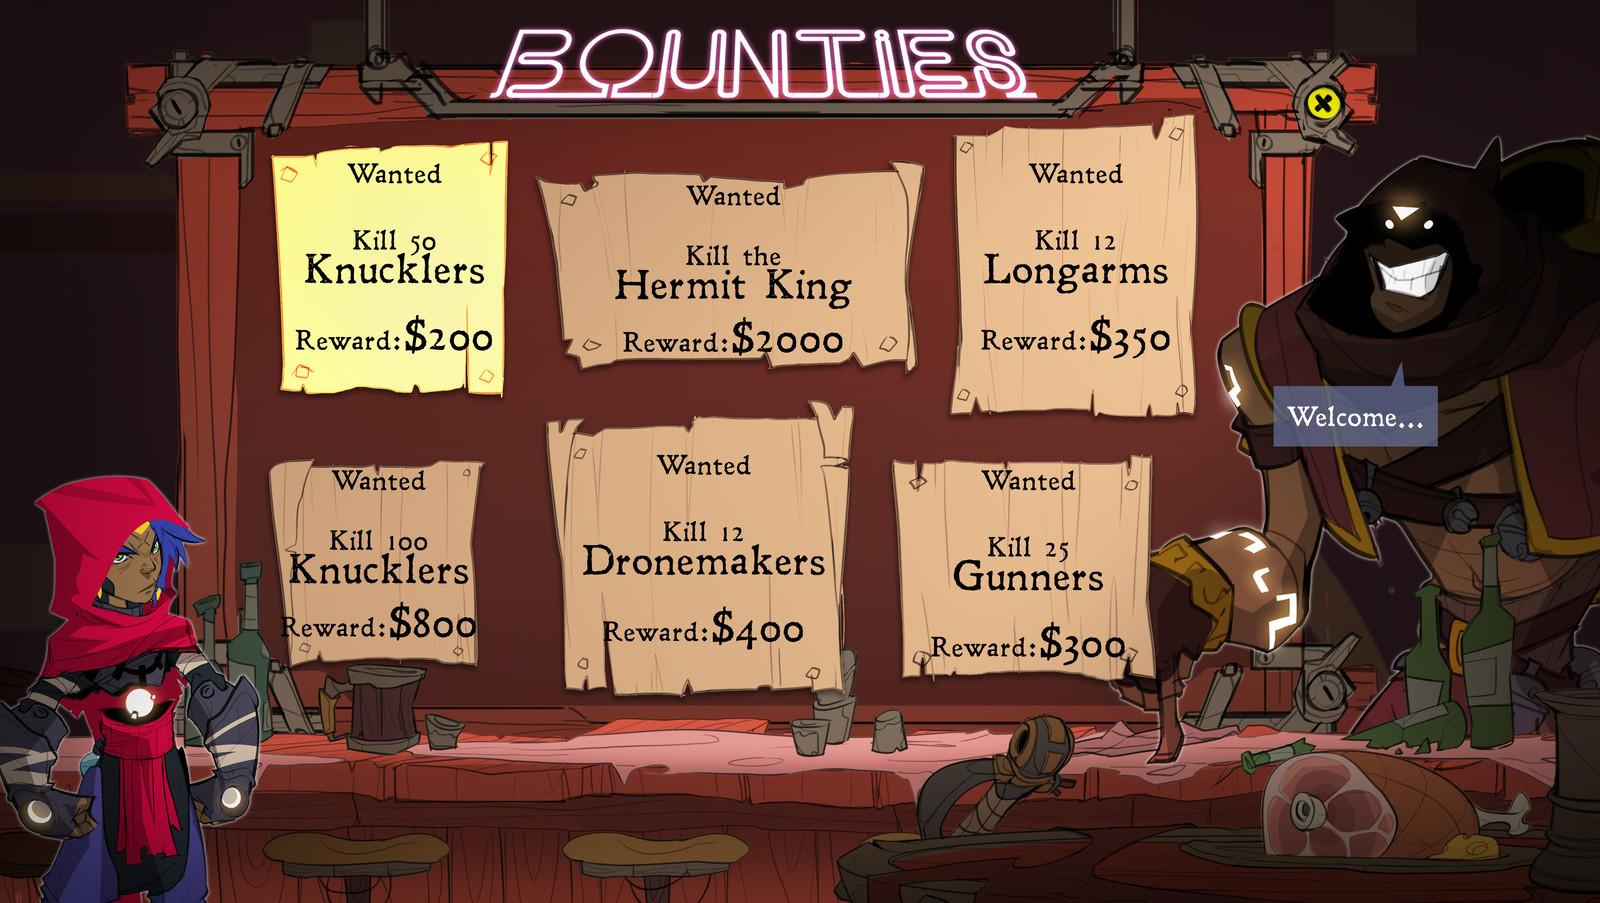 Big Bad Bounty | Bounty Board